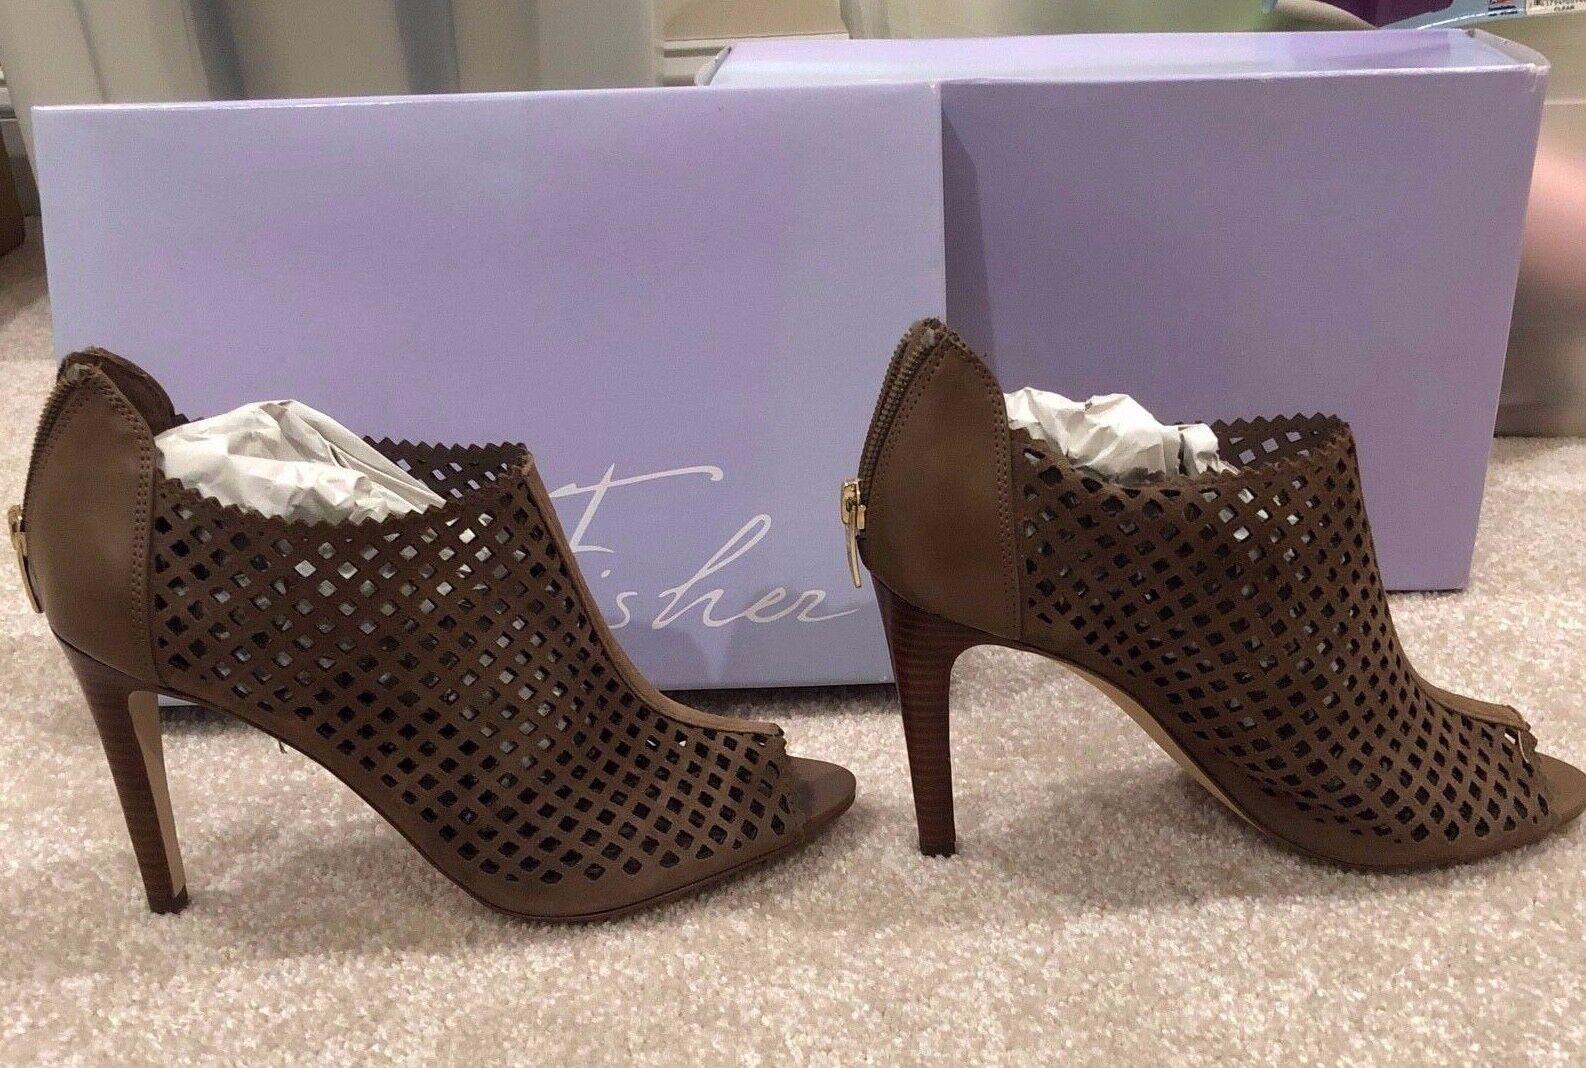 bellissimo Marc Fisher Peddle donna donna donna Perforated Peep Toe stivali, Dimensione 8.5 M, New with box   godendo i tuoi acquisti